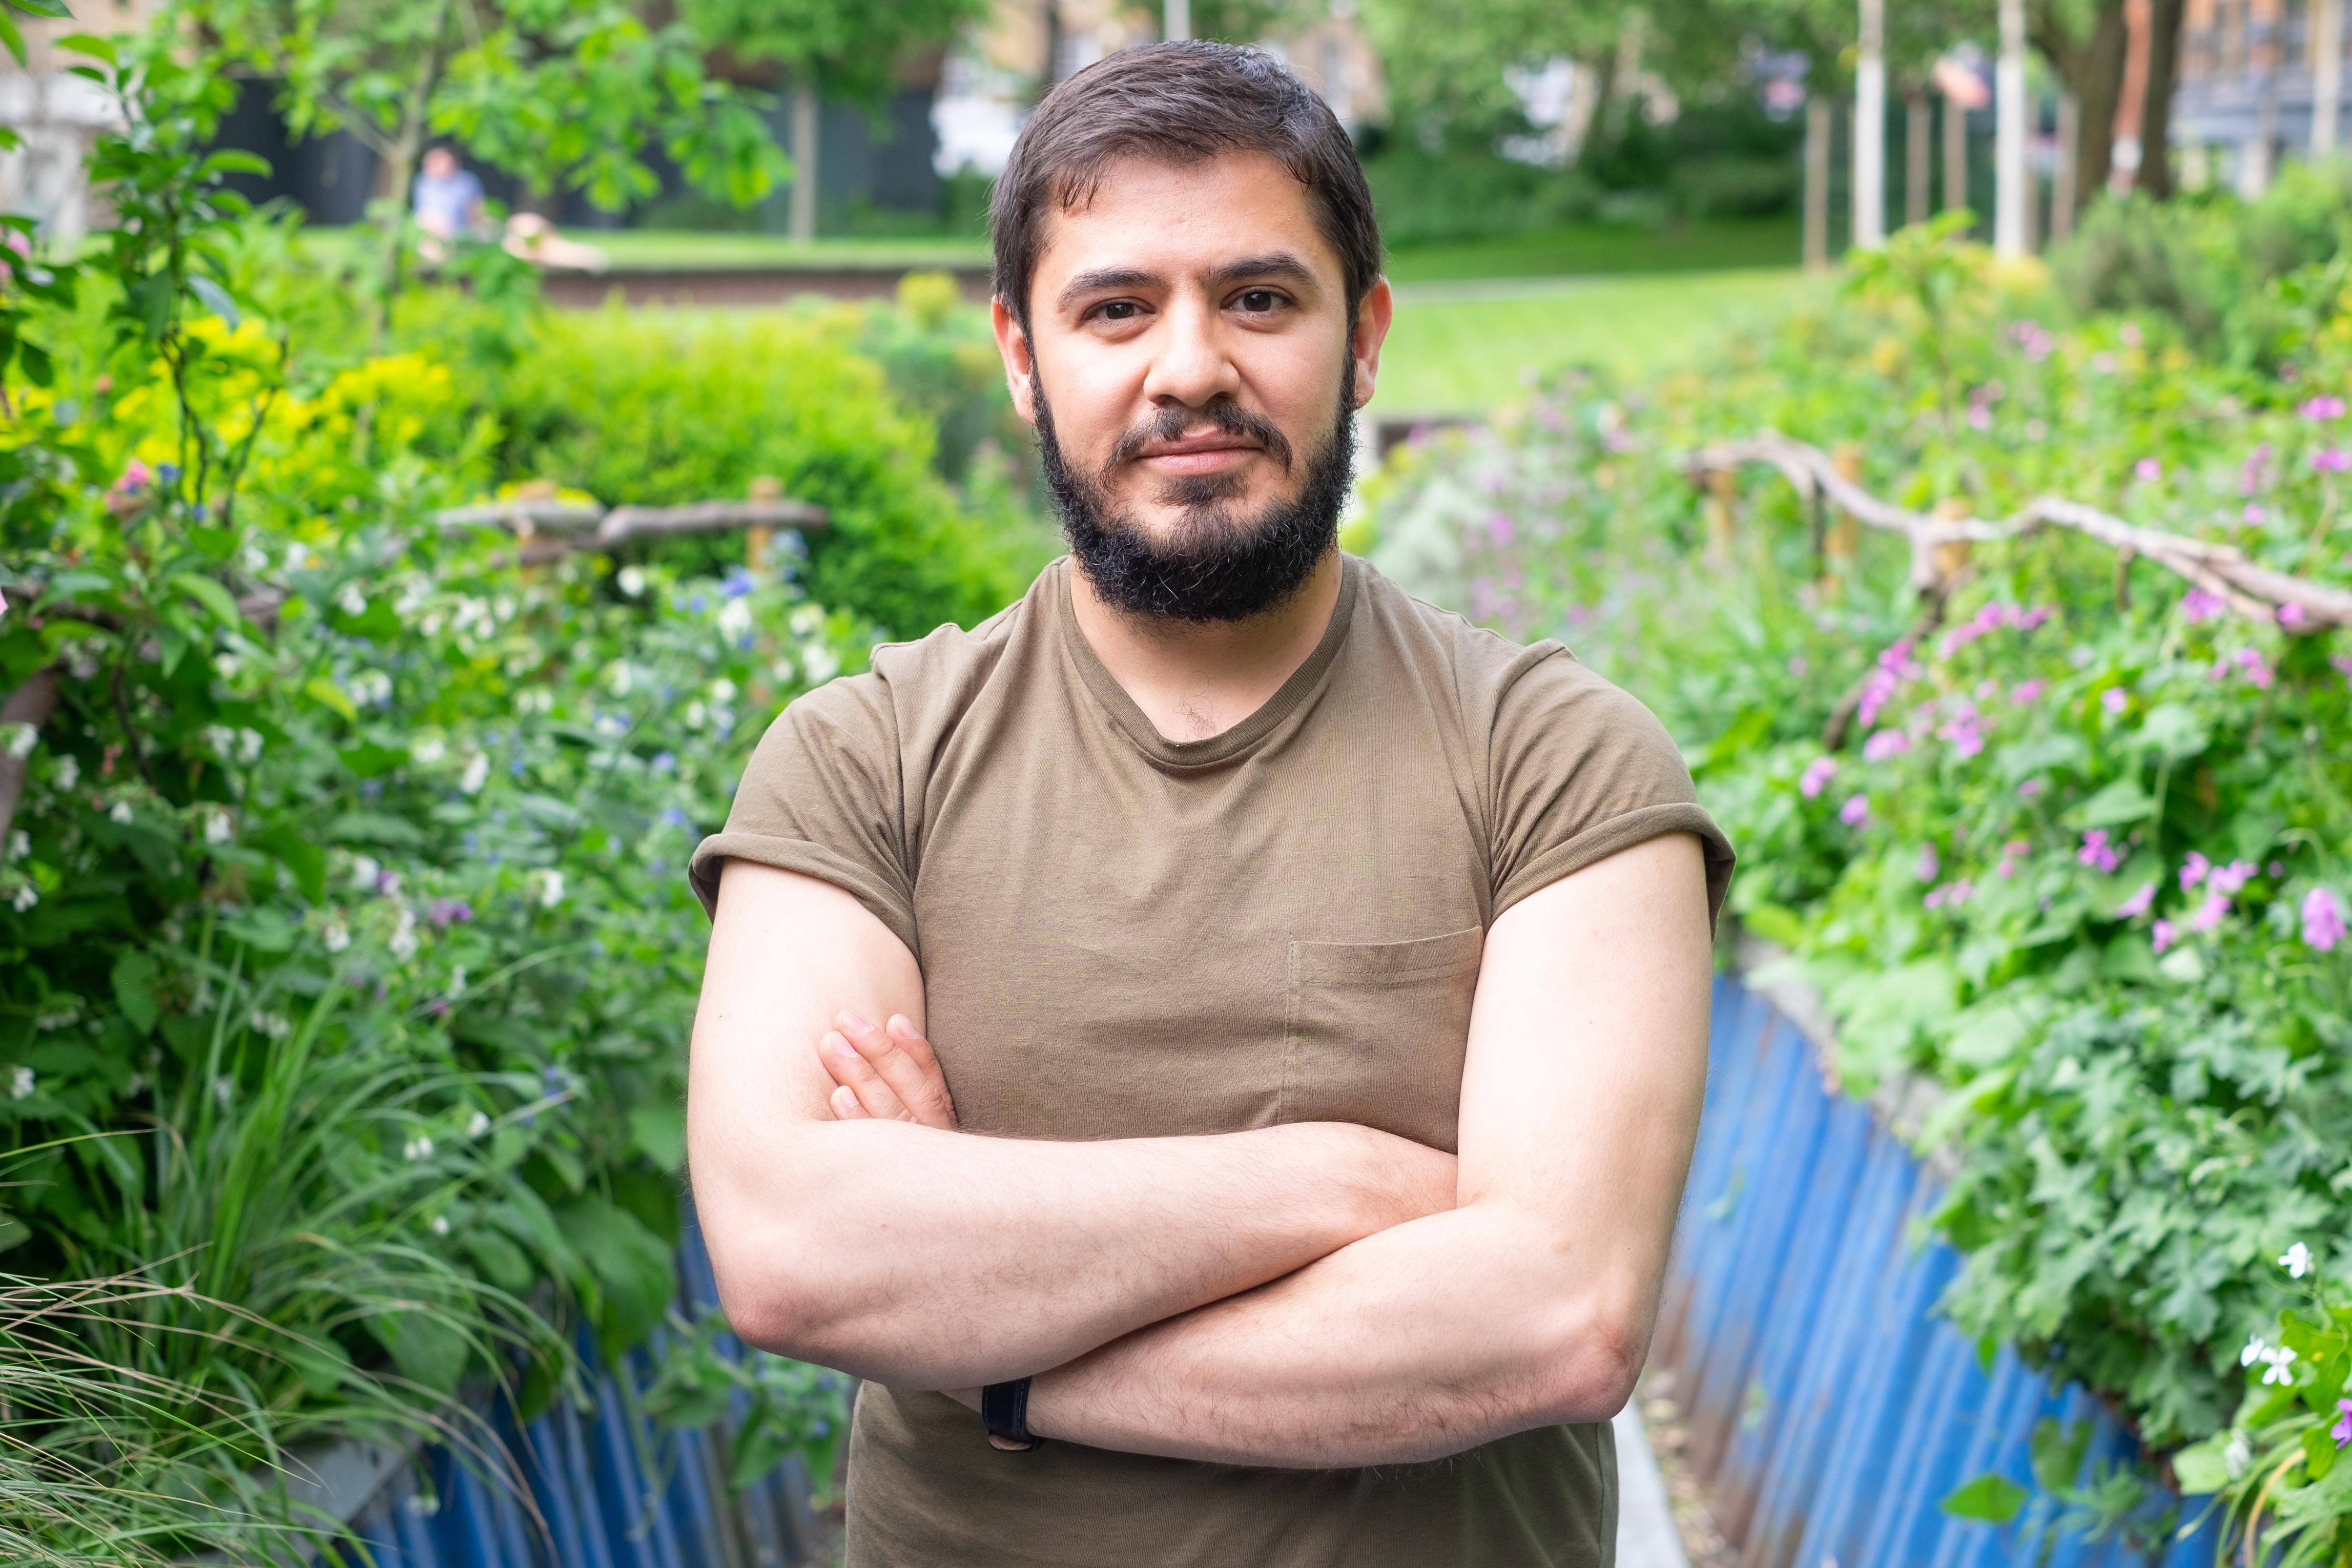 Eiad from Syria